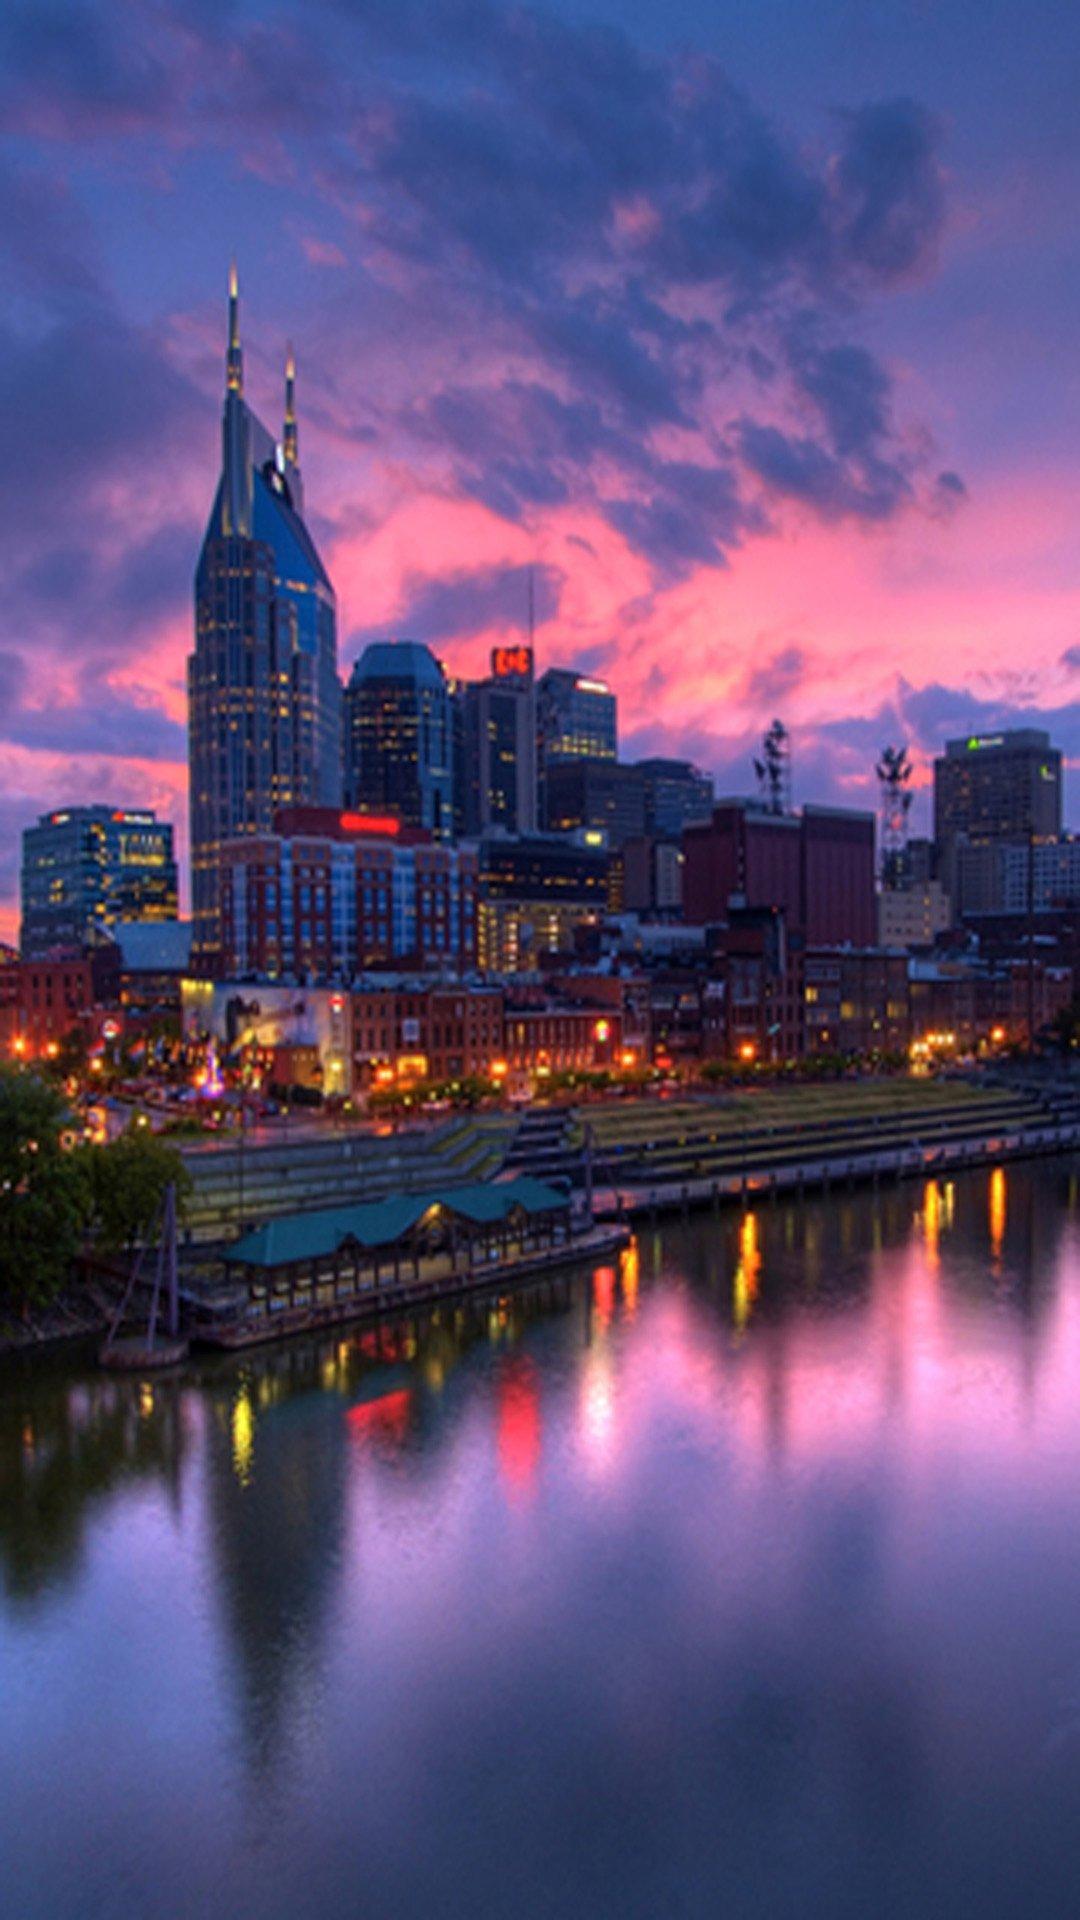 Beautiful City Wallpapers Beautiful City Wallpaper   City 1080x1920